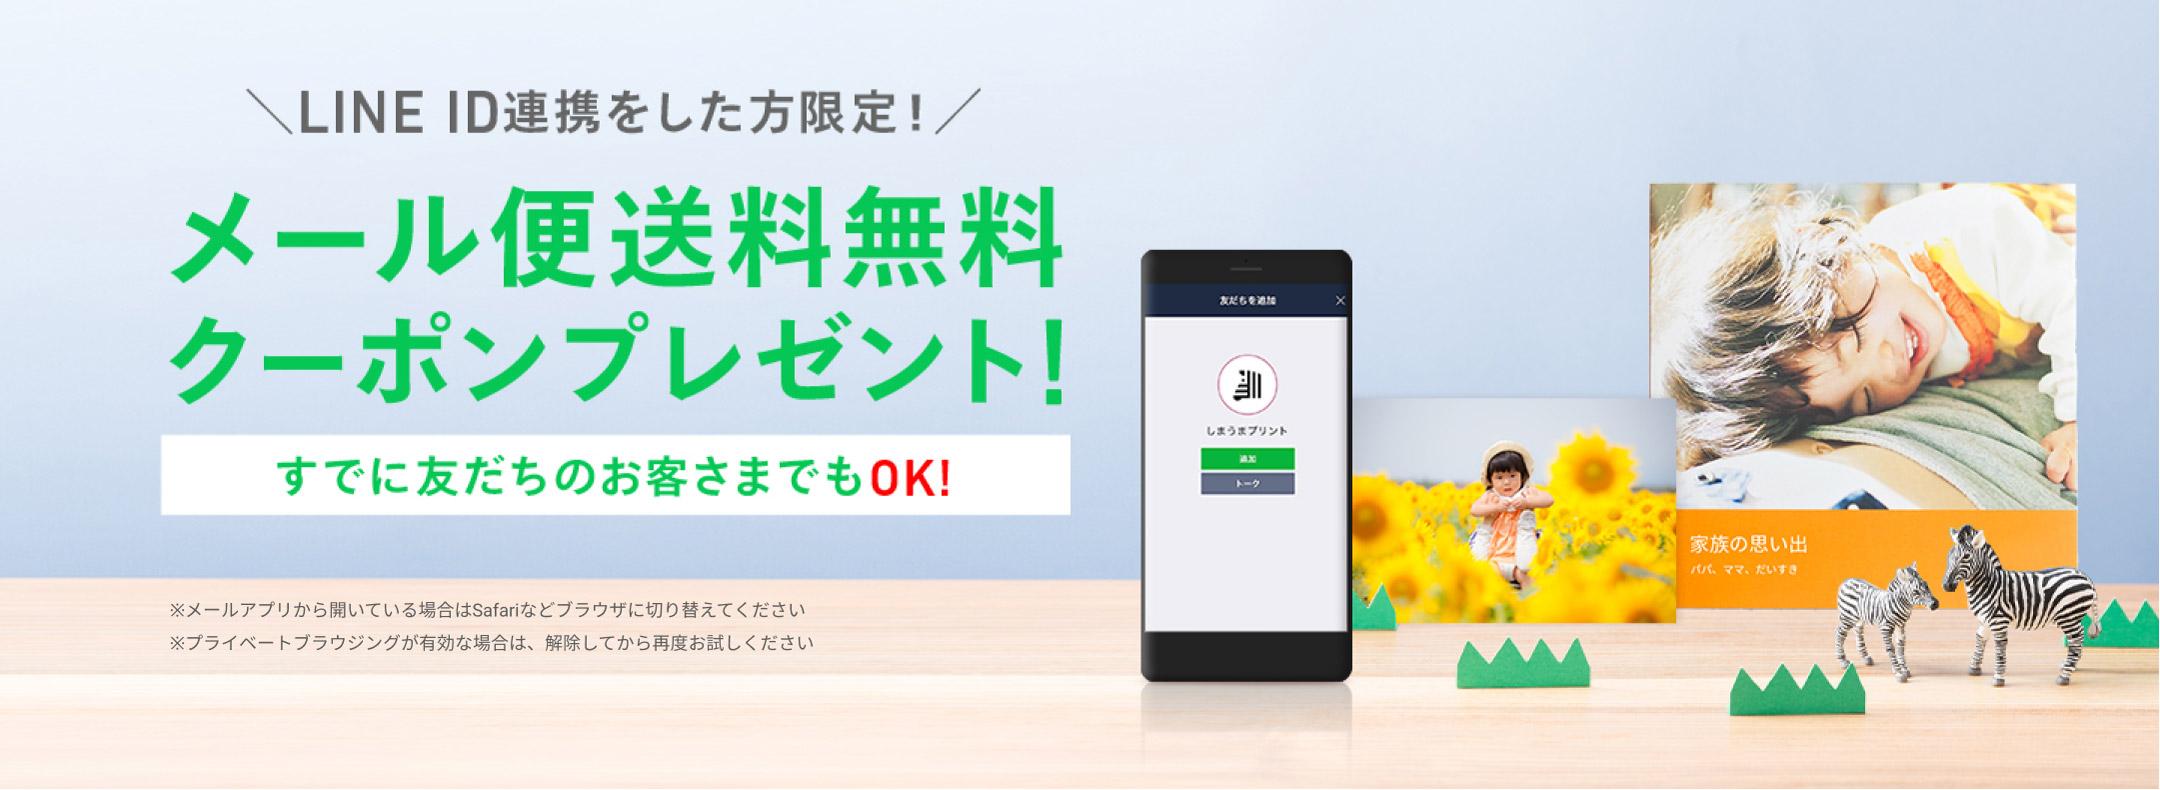 今だけの期間限定!LINE ID連携キャンペーン あわせて1,000円クーポンプレゼント!すでに友だちの人もOK!